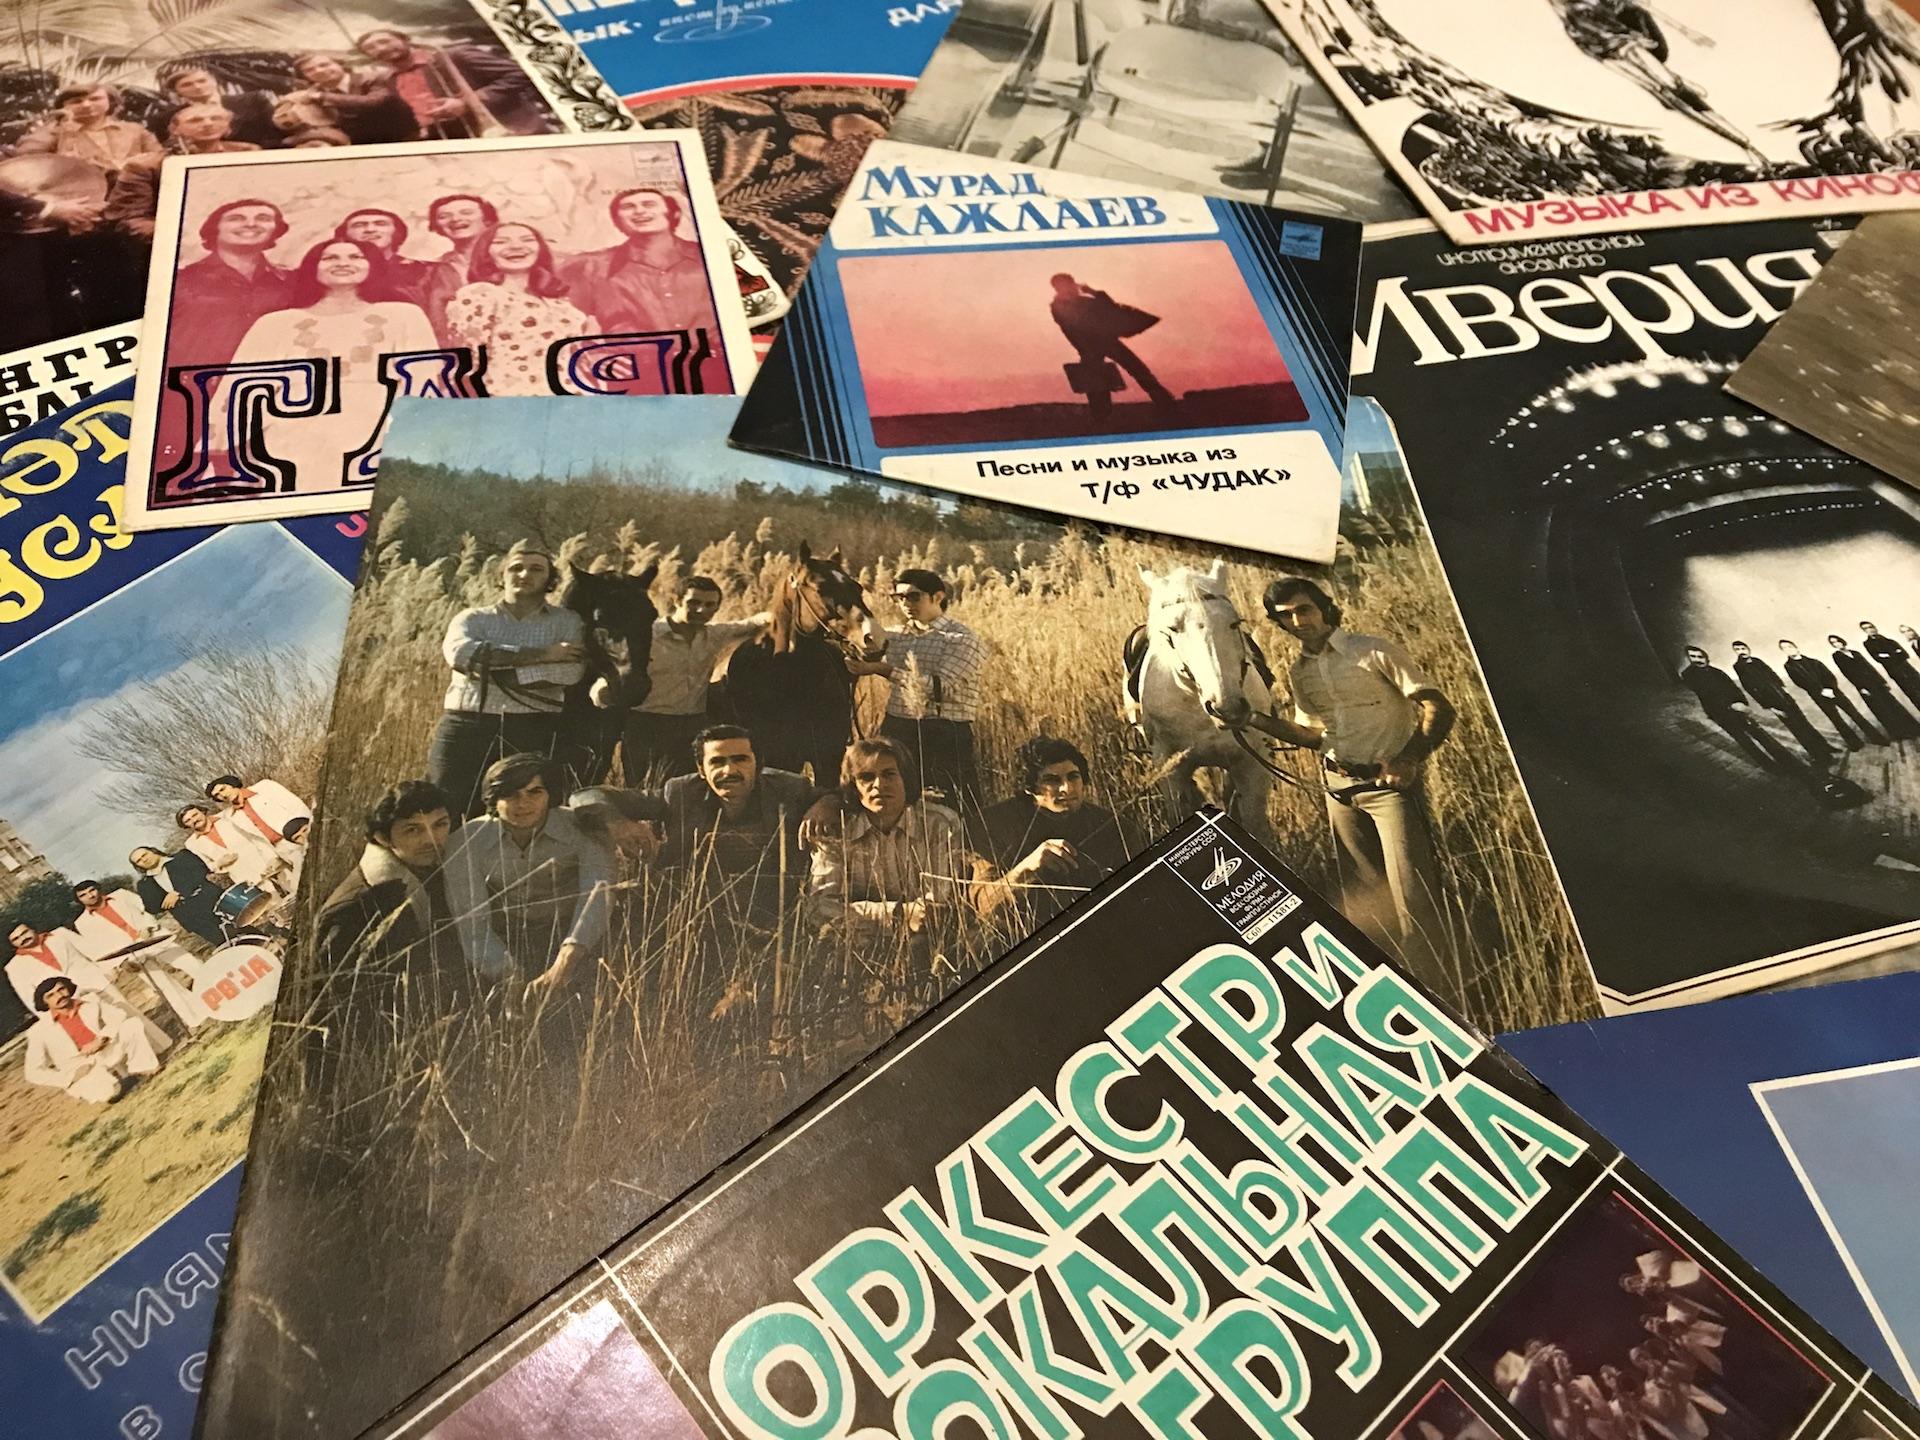 旧ソ連のロスト・ミュージック